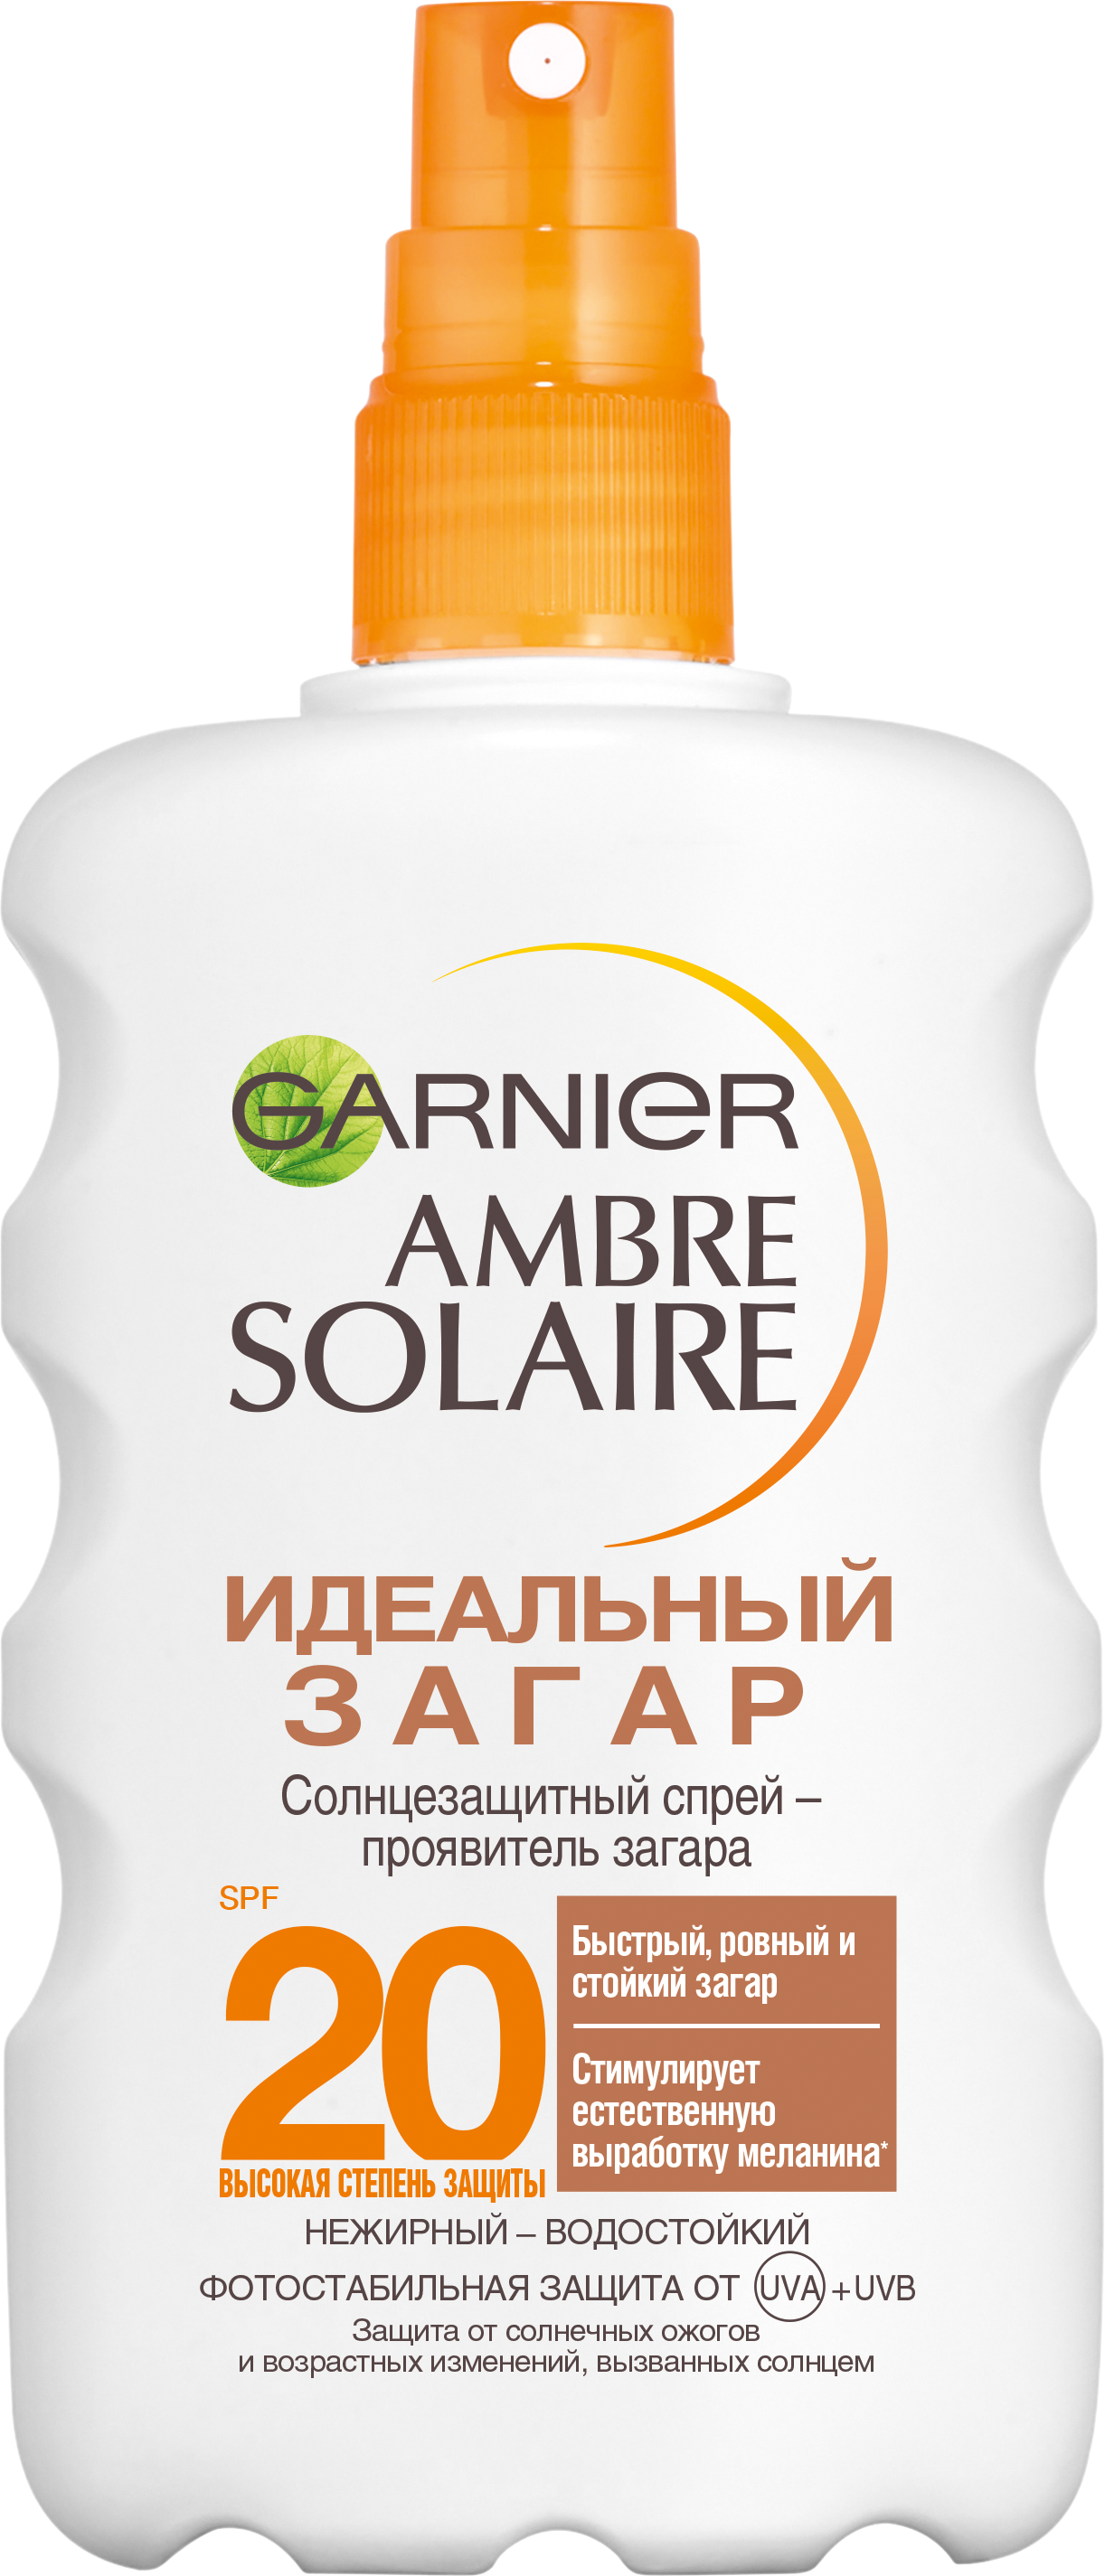 Спрей для загара Garnier Ambre Solaire SPF20